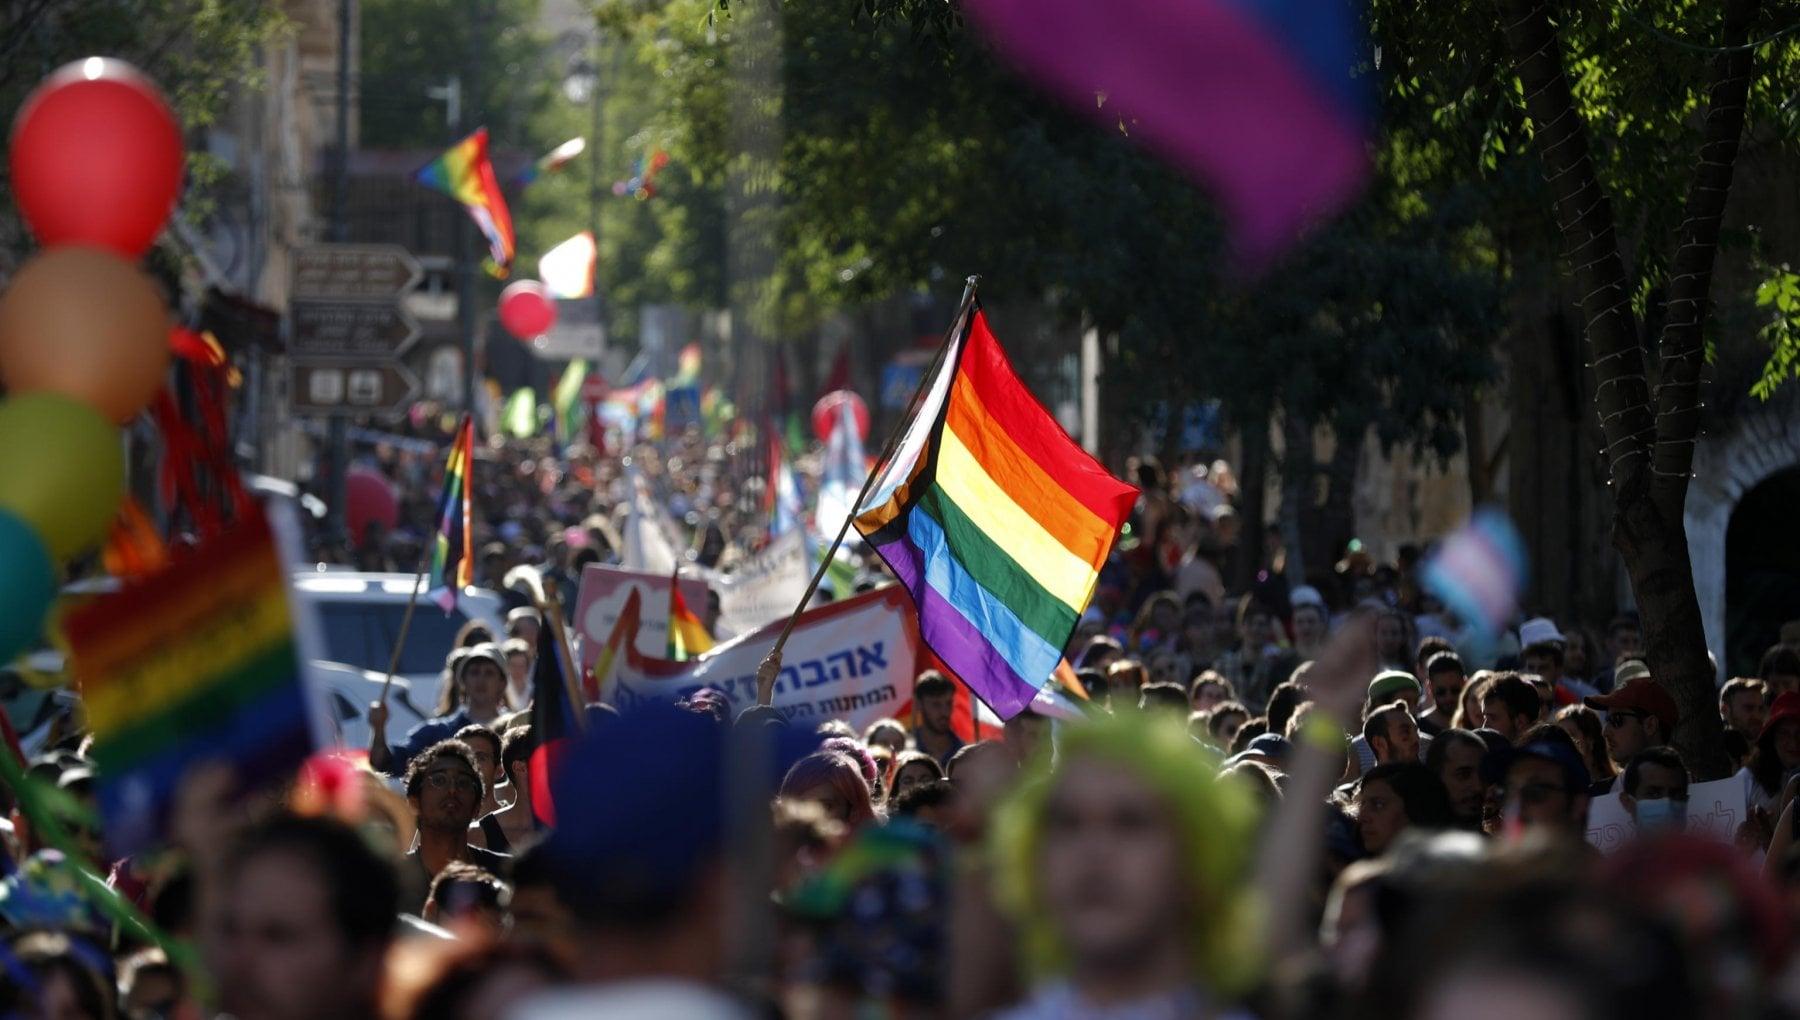 Pride napoli 2021 - neomag.